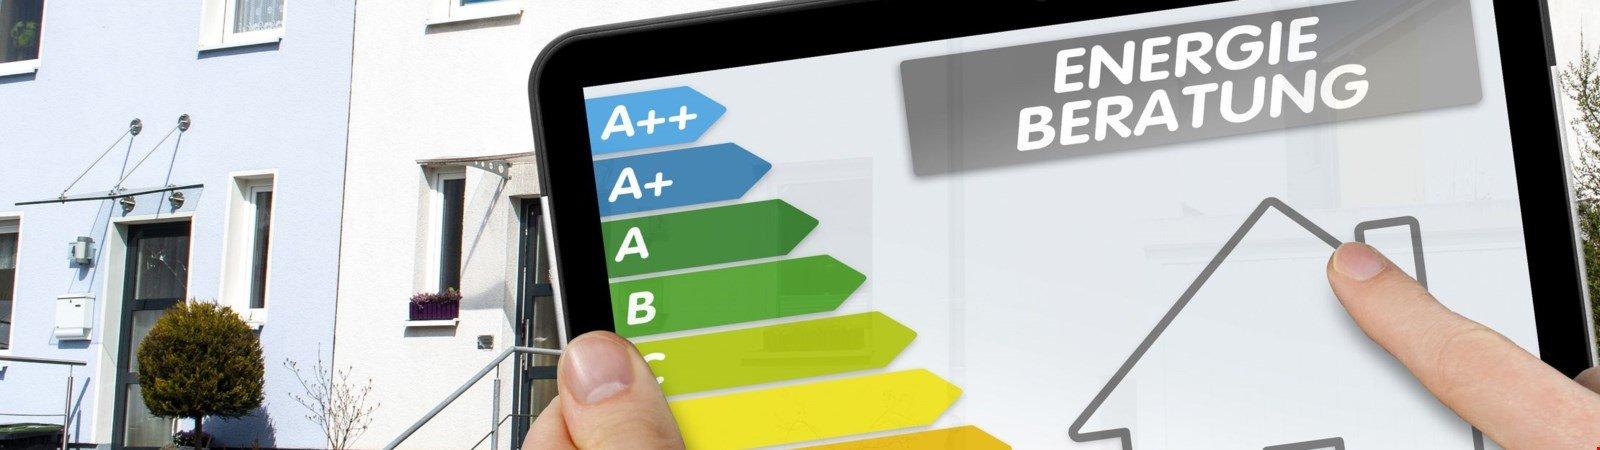 Energieeffizienz Experten: Kompetente Energieberater finden